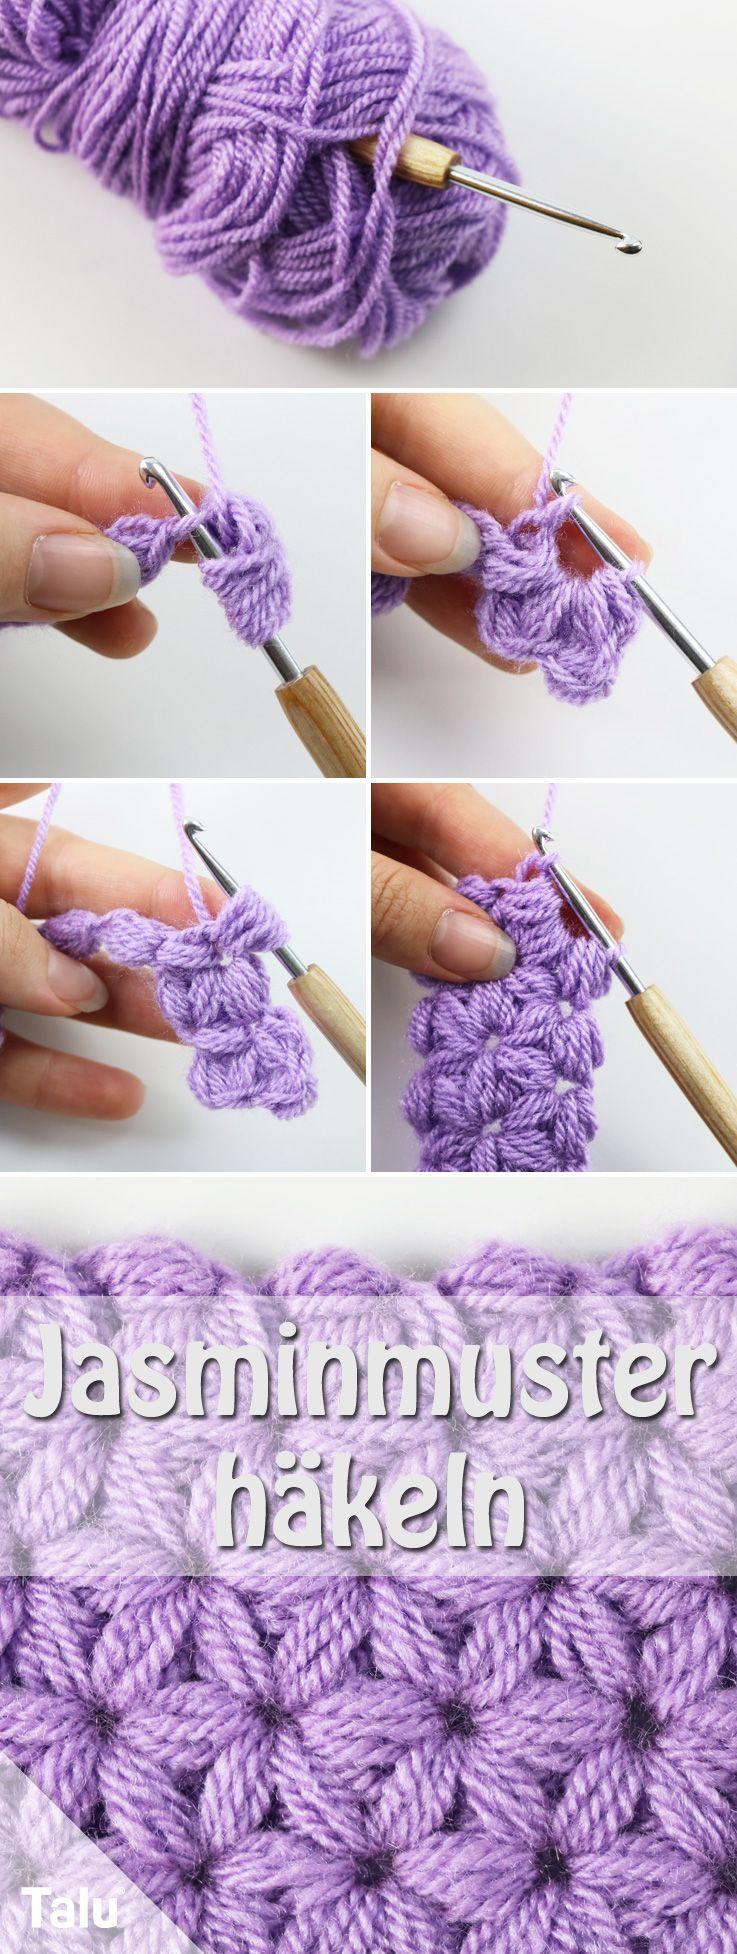 Crochet motif jasmin – instructions simples pour le motif étoile – Talu.de   – Crochet me!